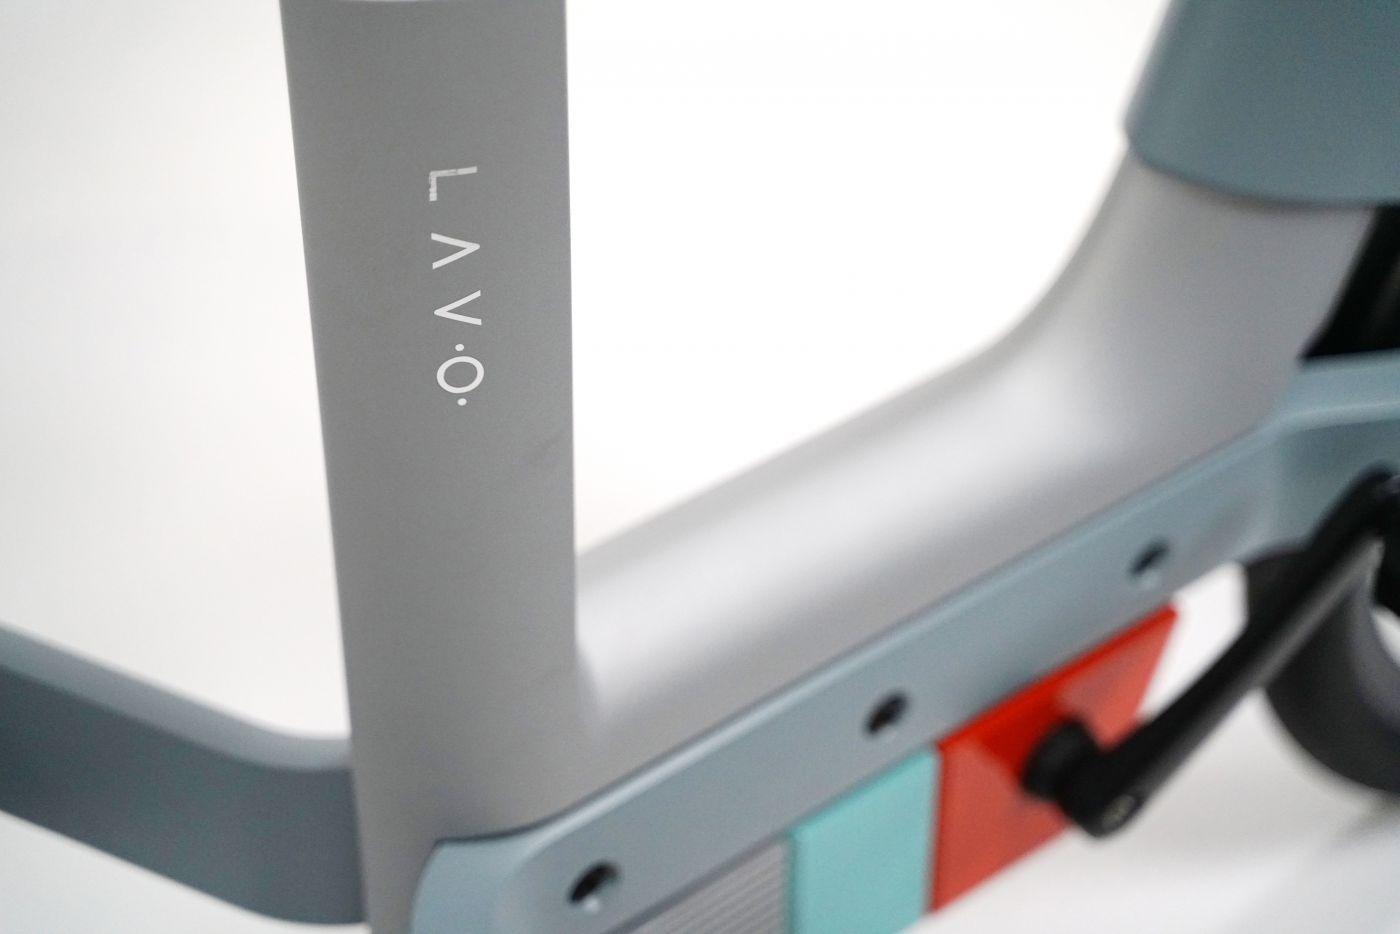 荷兰设计公司将推出轻量氢能源自行车-唯轮网